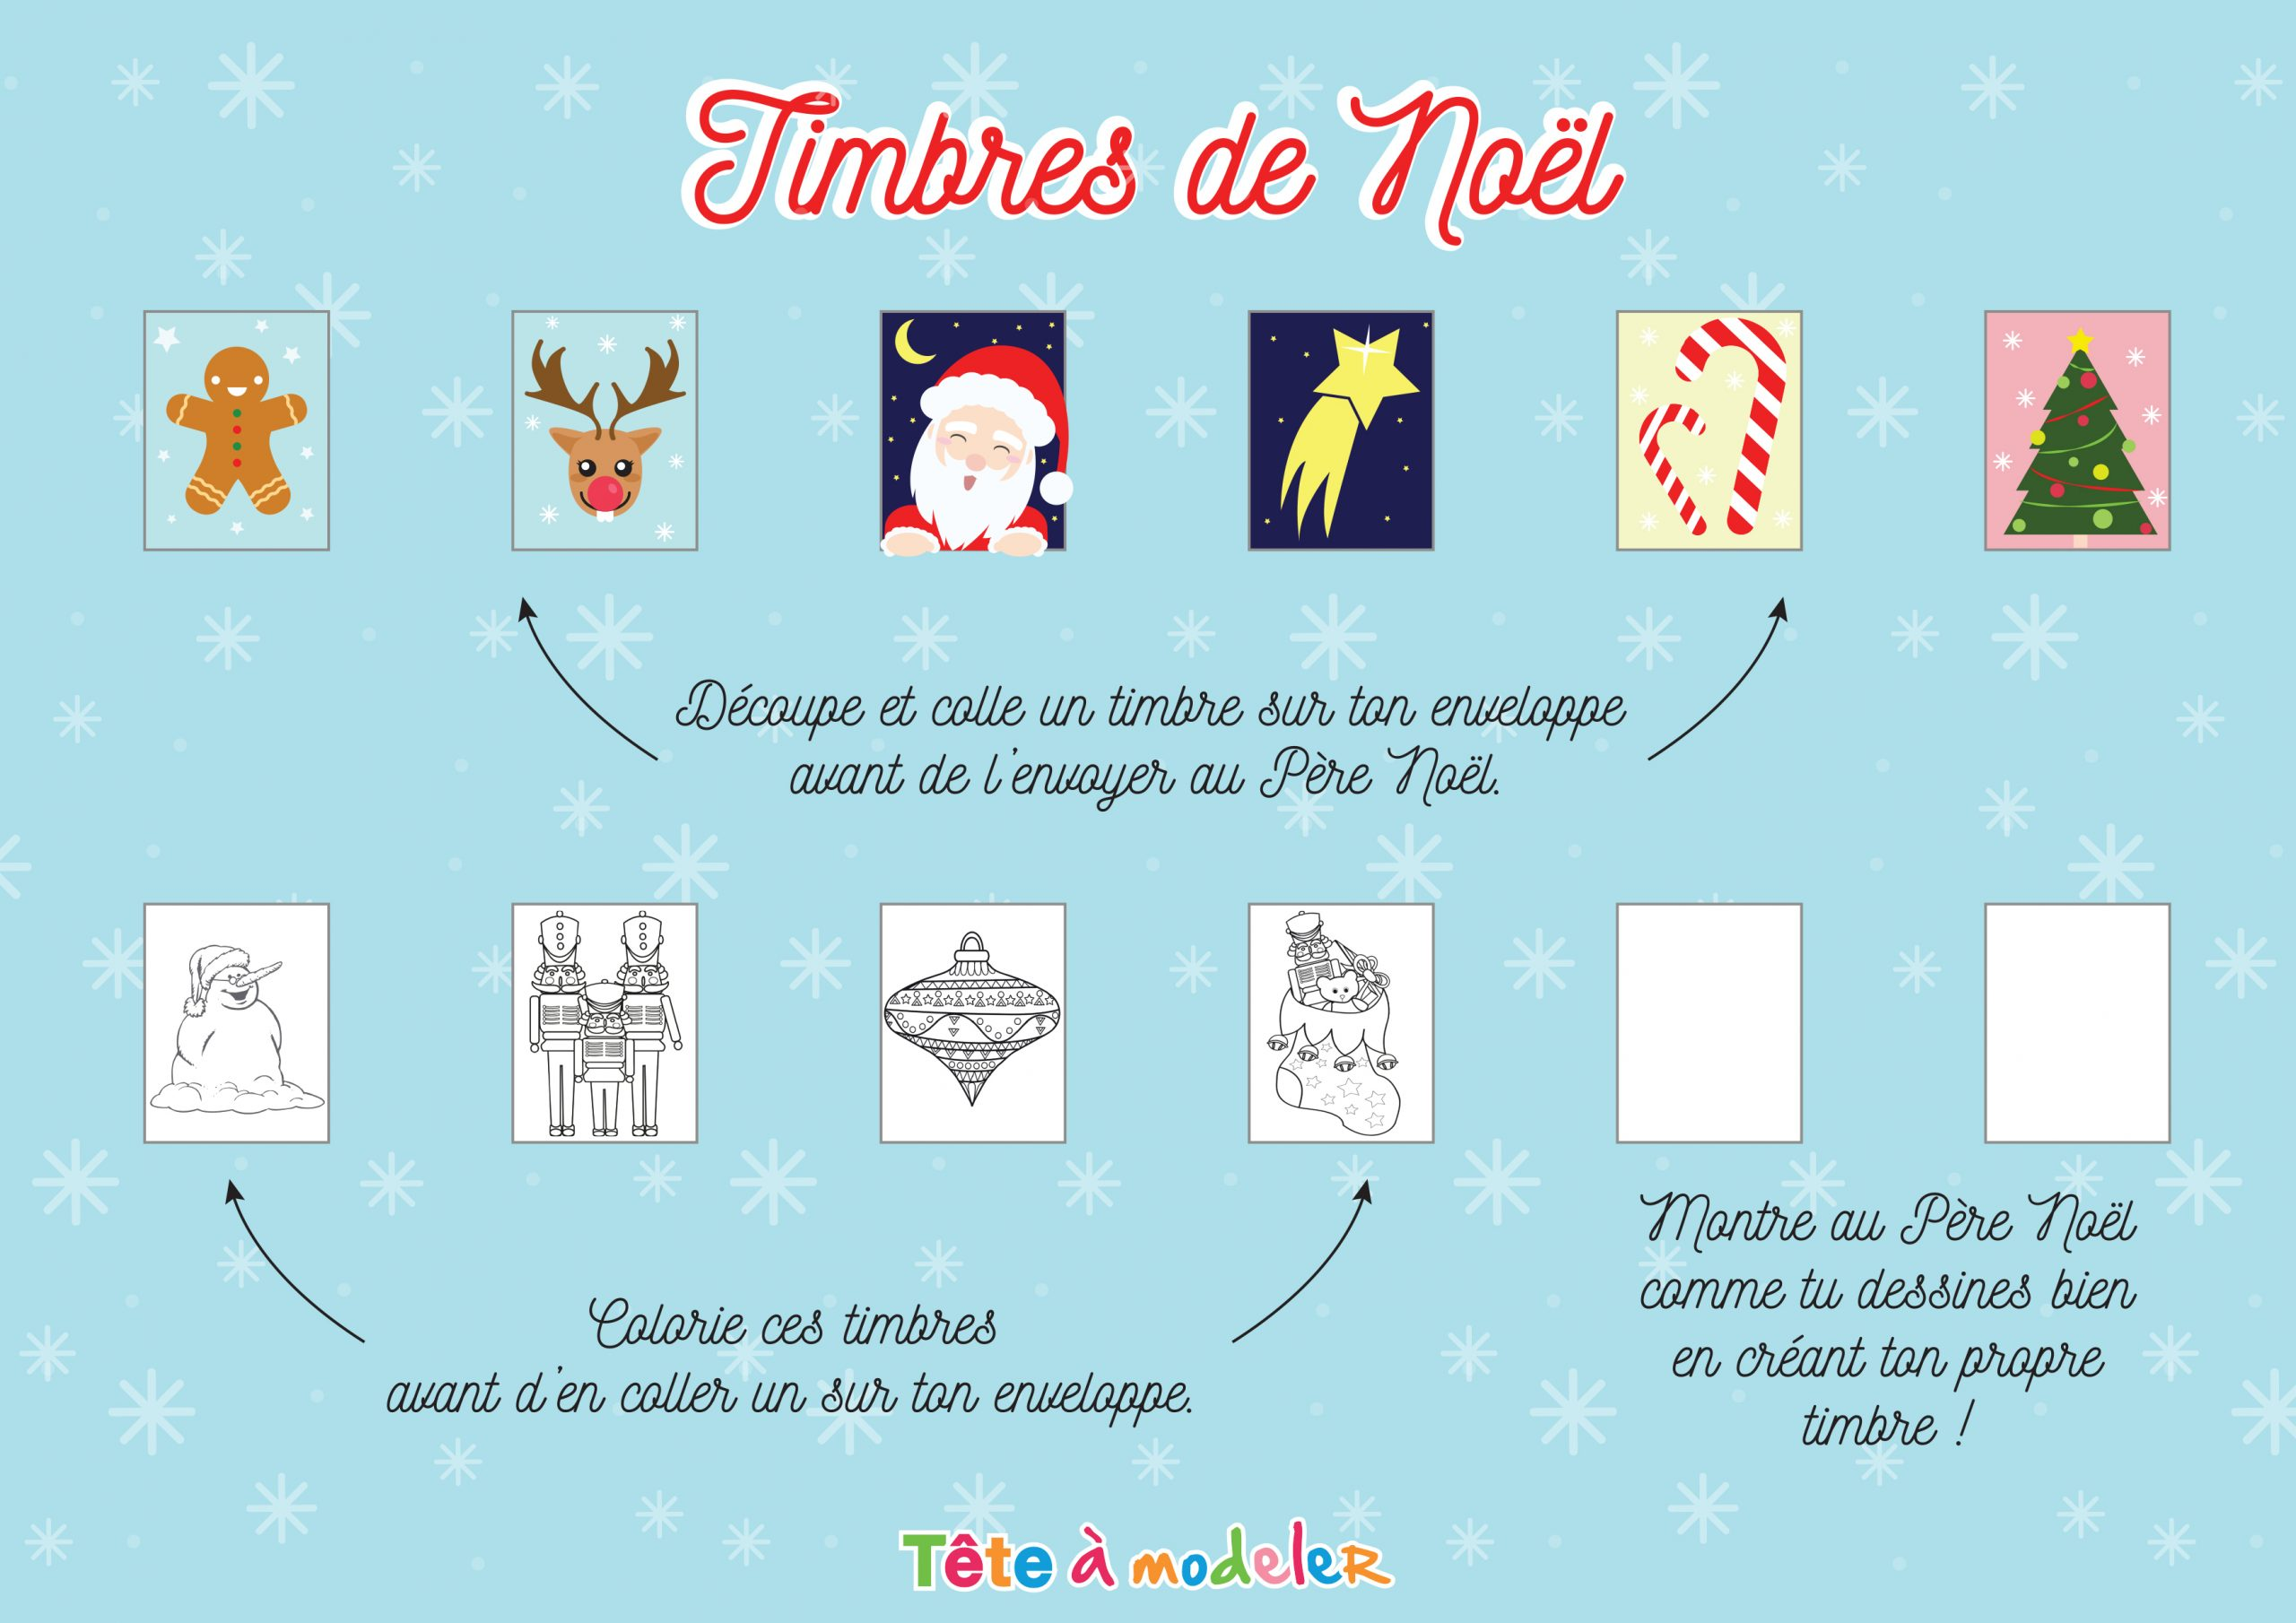 Timbre Noël : Les Beaux Timbres À Imprimer De Tête À Modeler serapportantà Pere Noel A Imprimer Et A Decouper